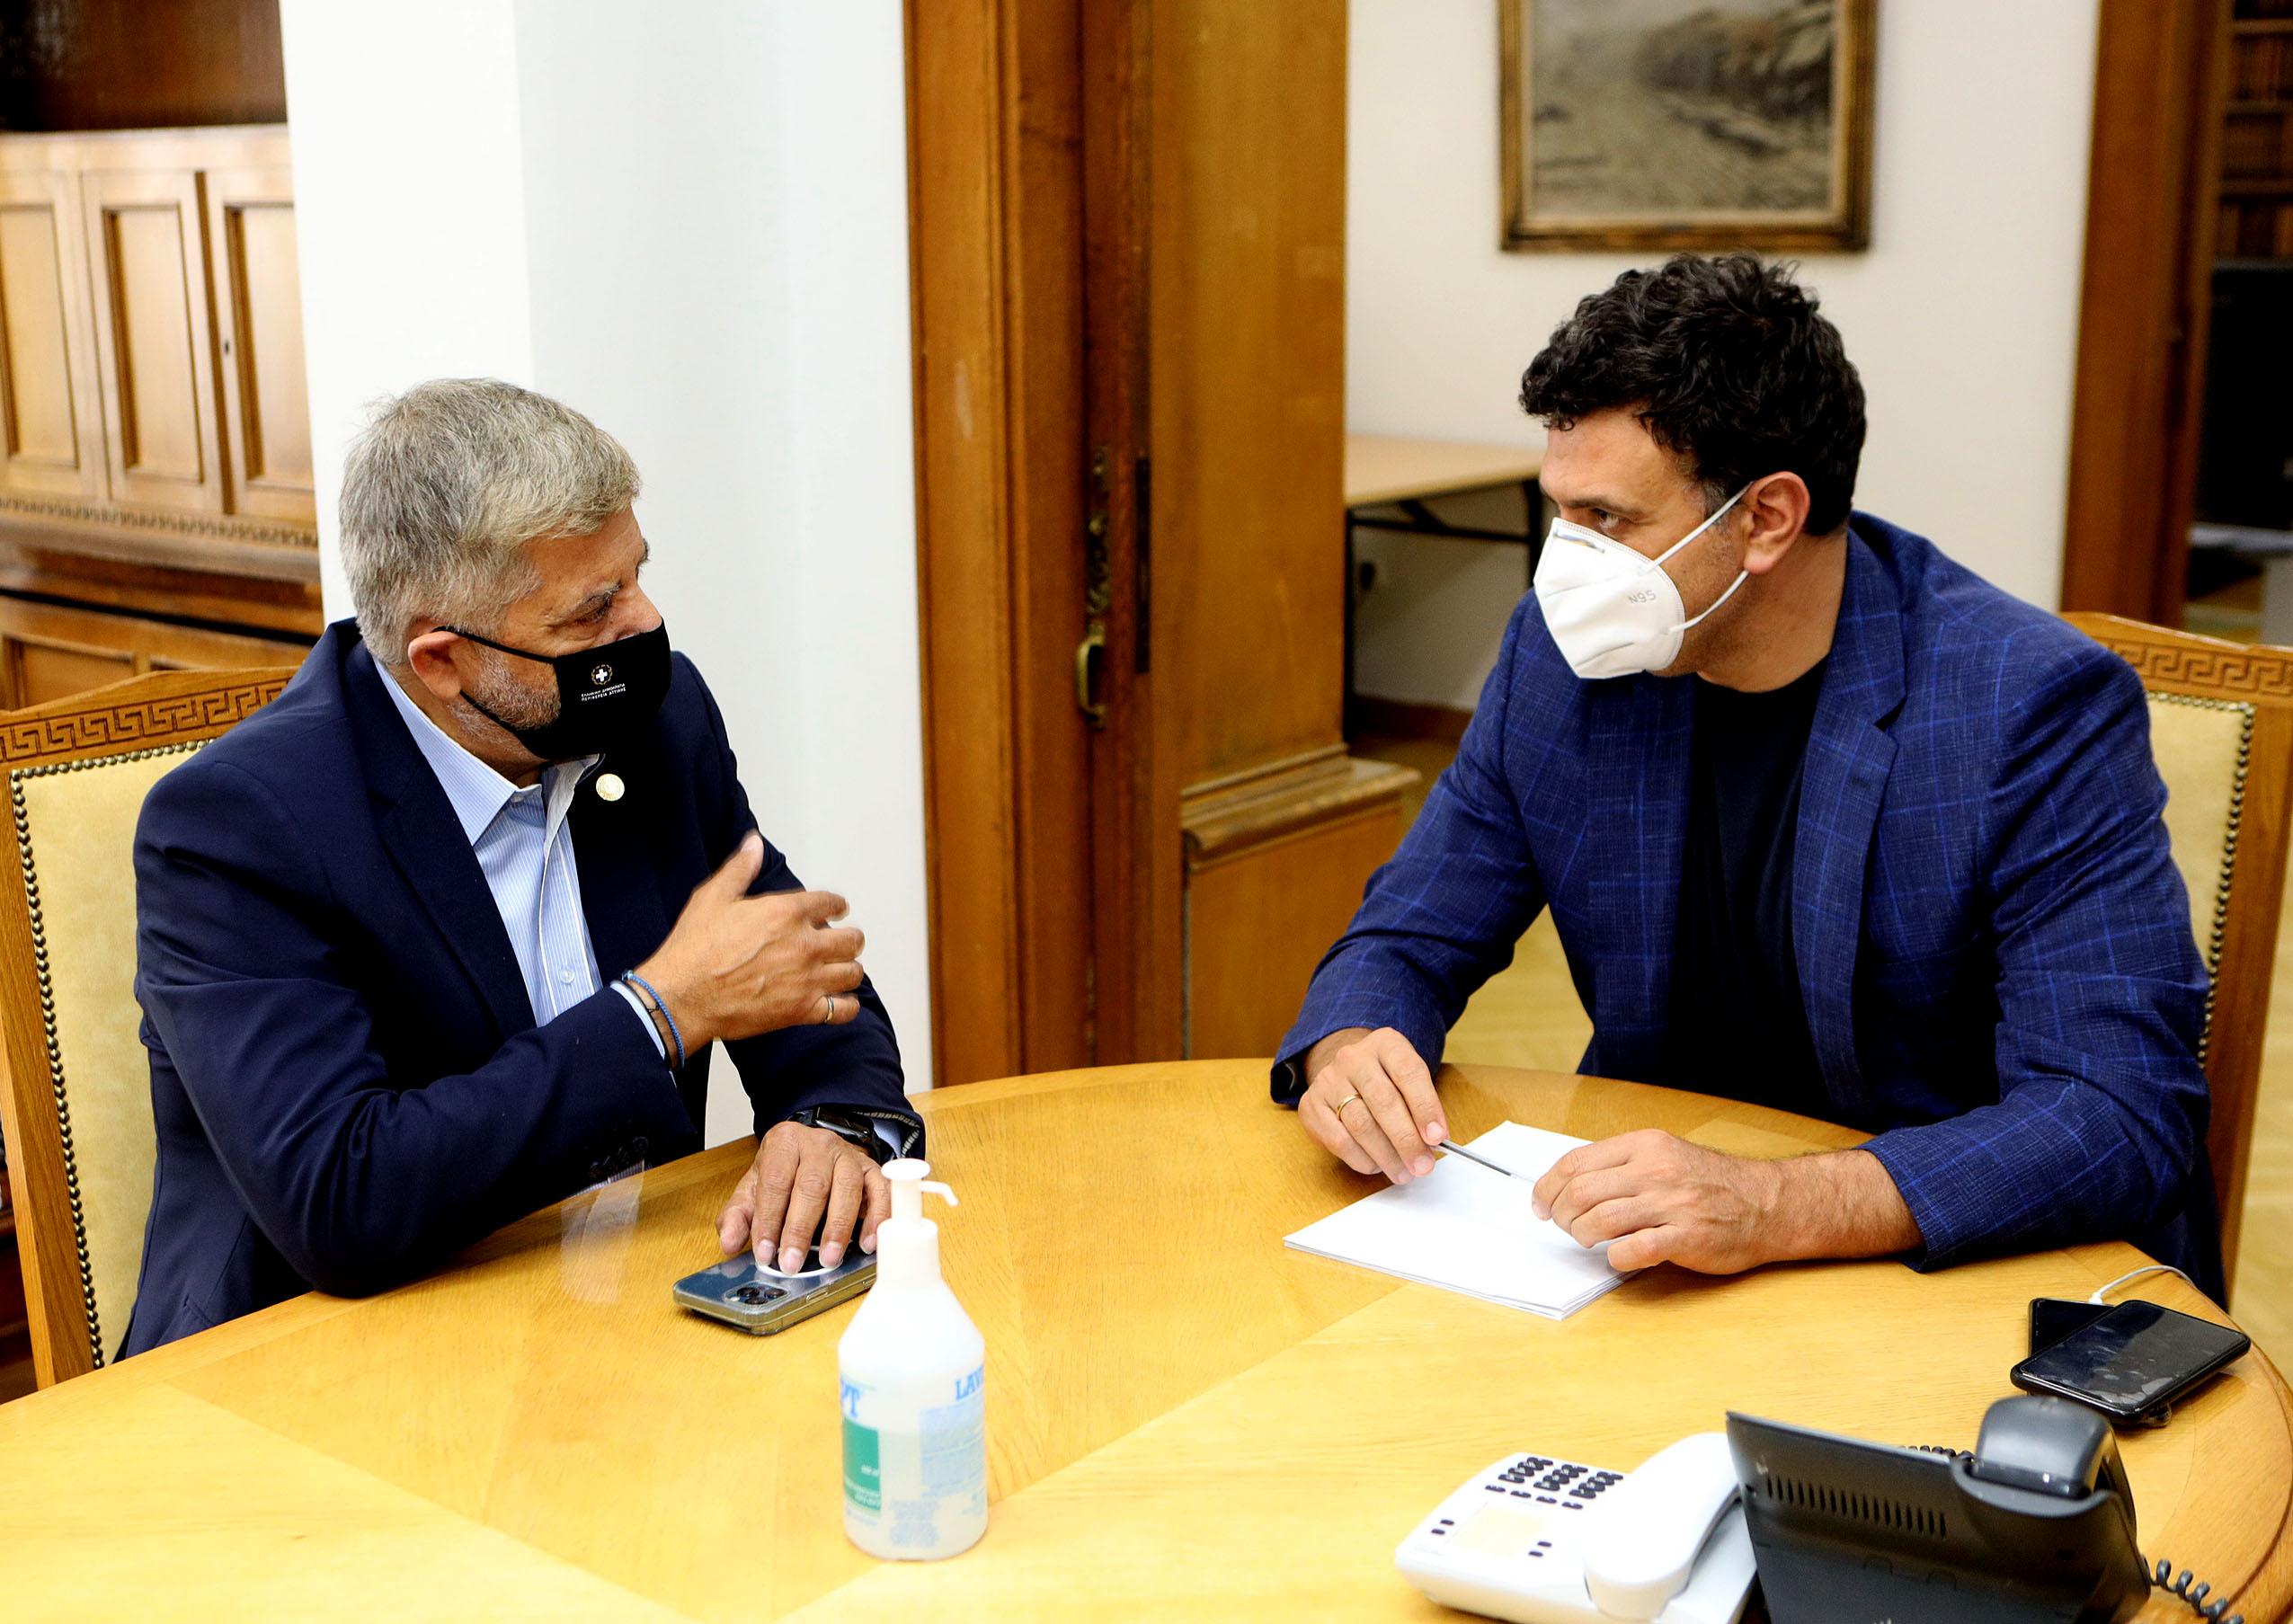 Με αντικείμενο την υγειονομική θωράκιση της Αττικής: Συνάντηση του προέδρου του ΙΣΑ με τον υπουργό Υγείας